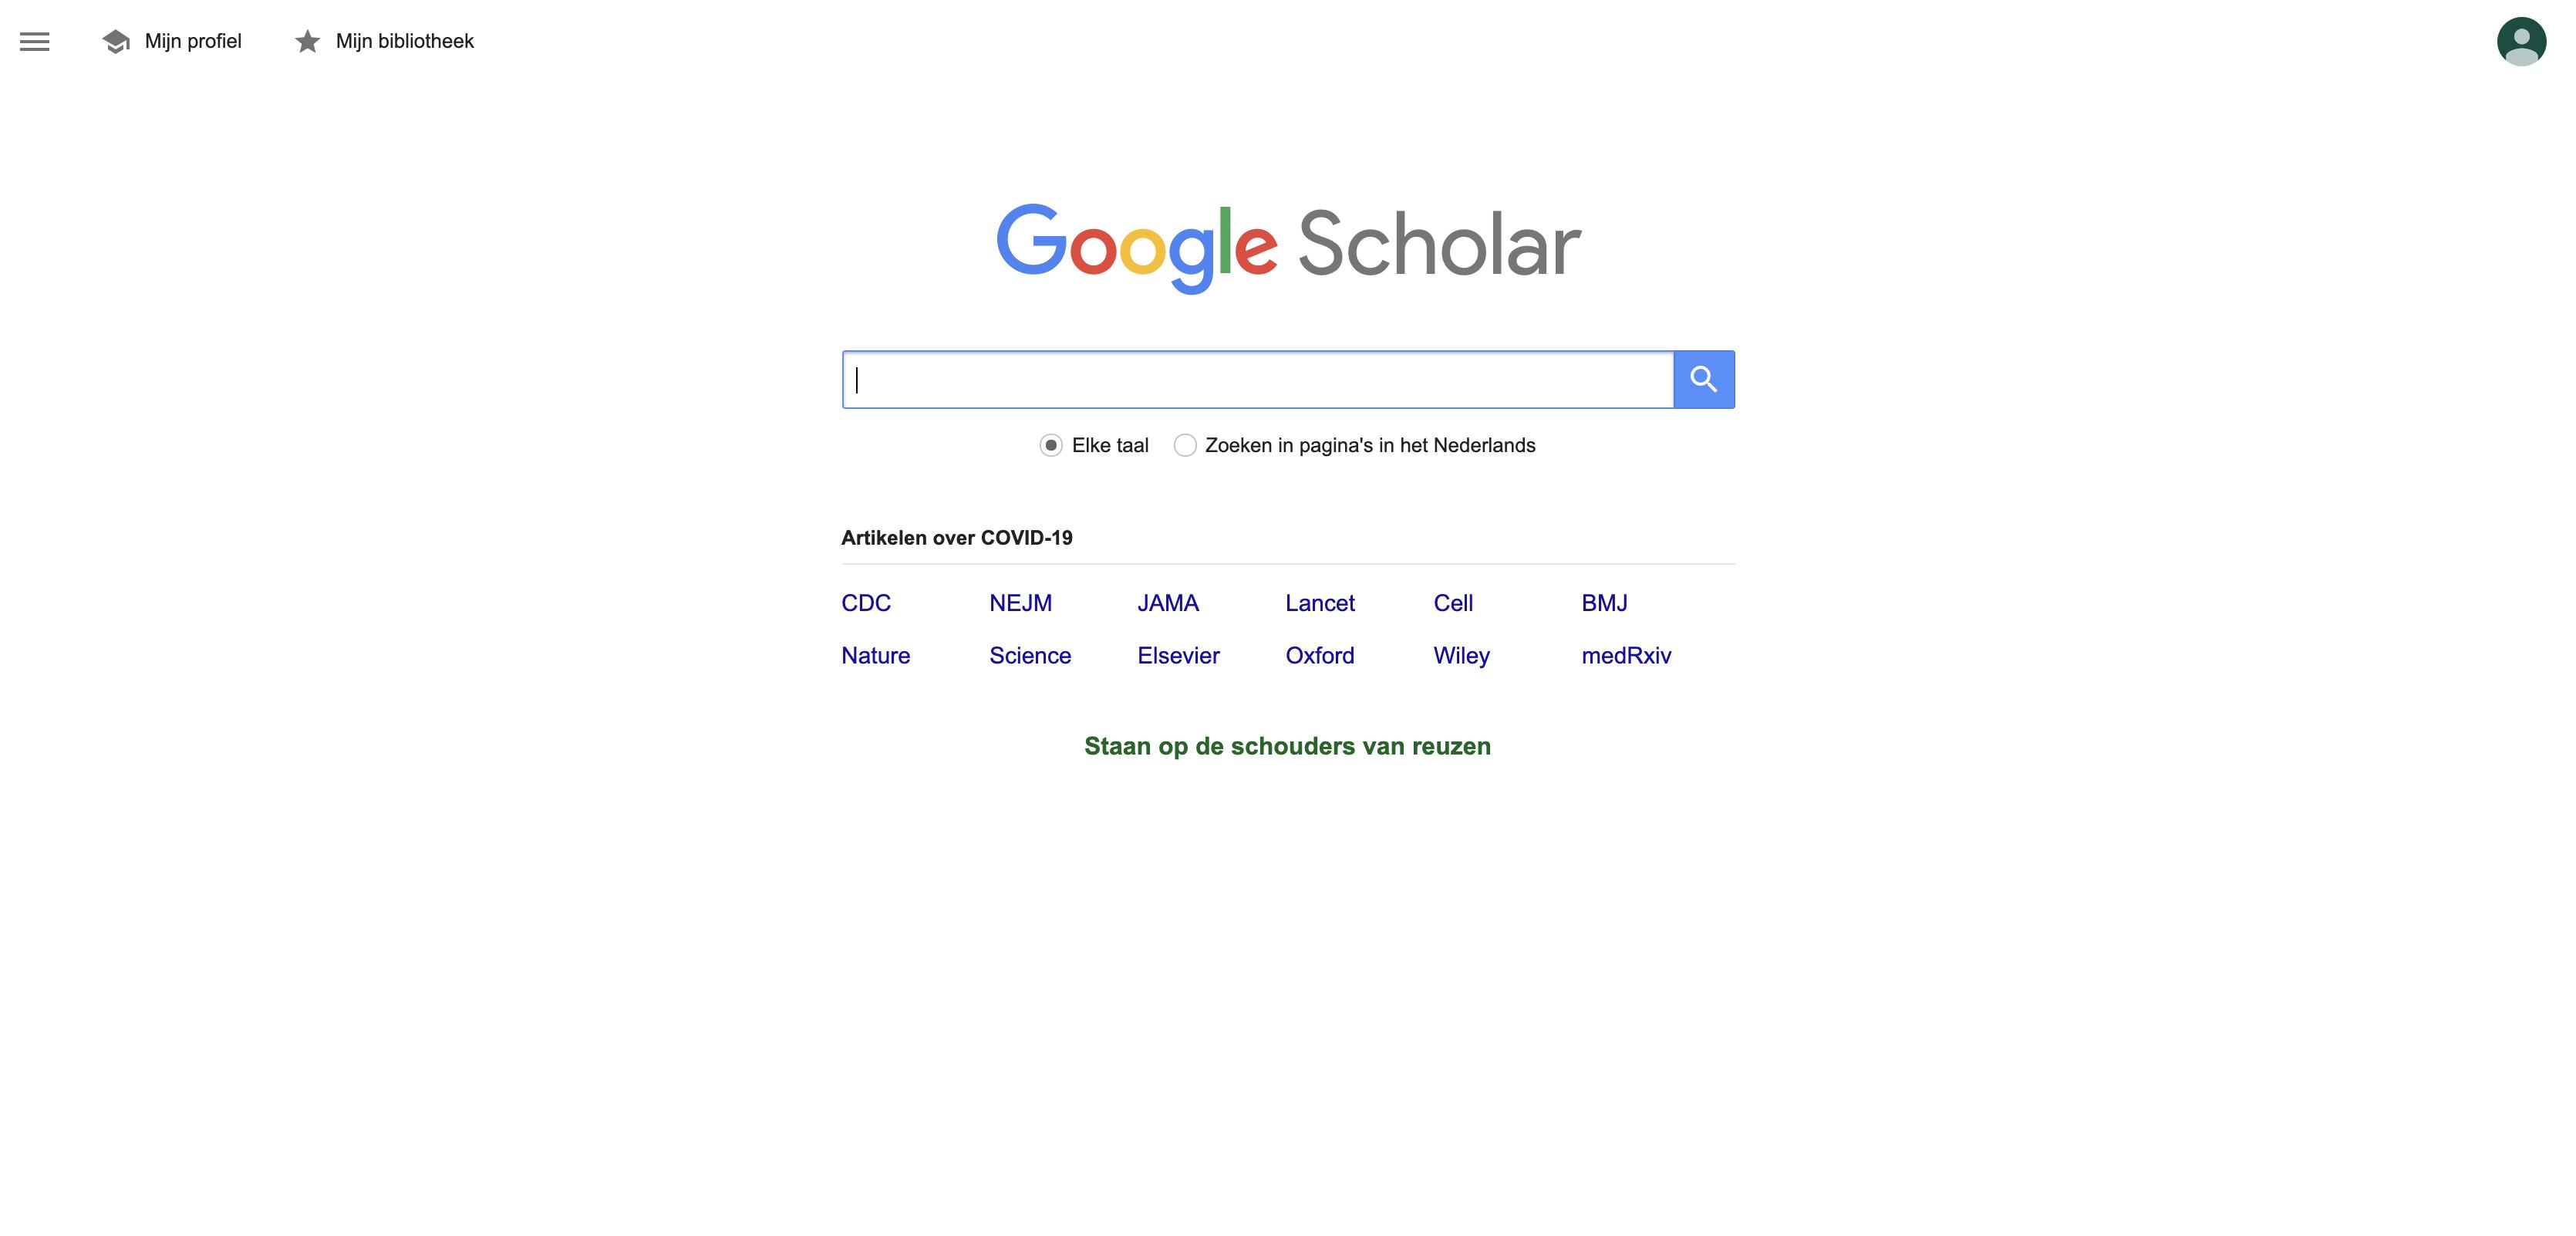 Het gebruik van Google Scholar voor collageen informatie